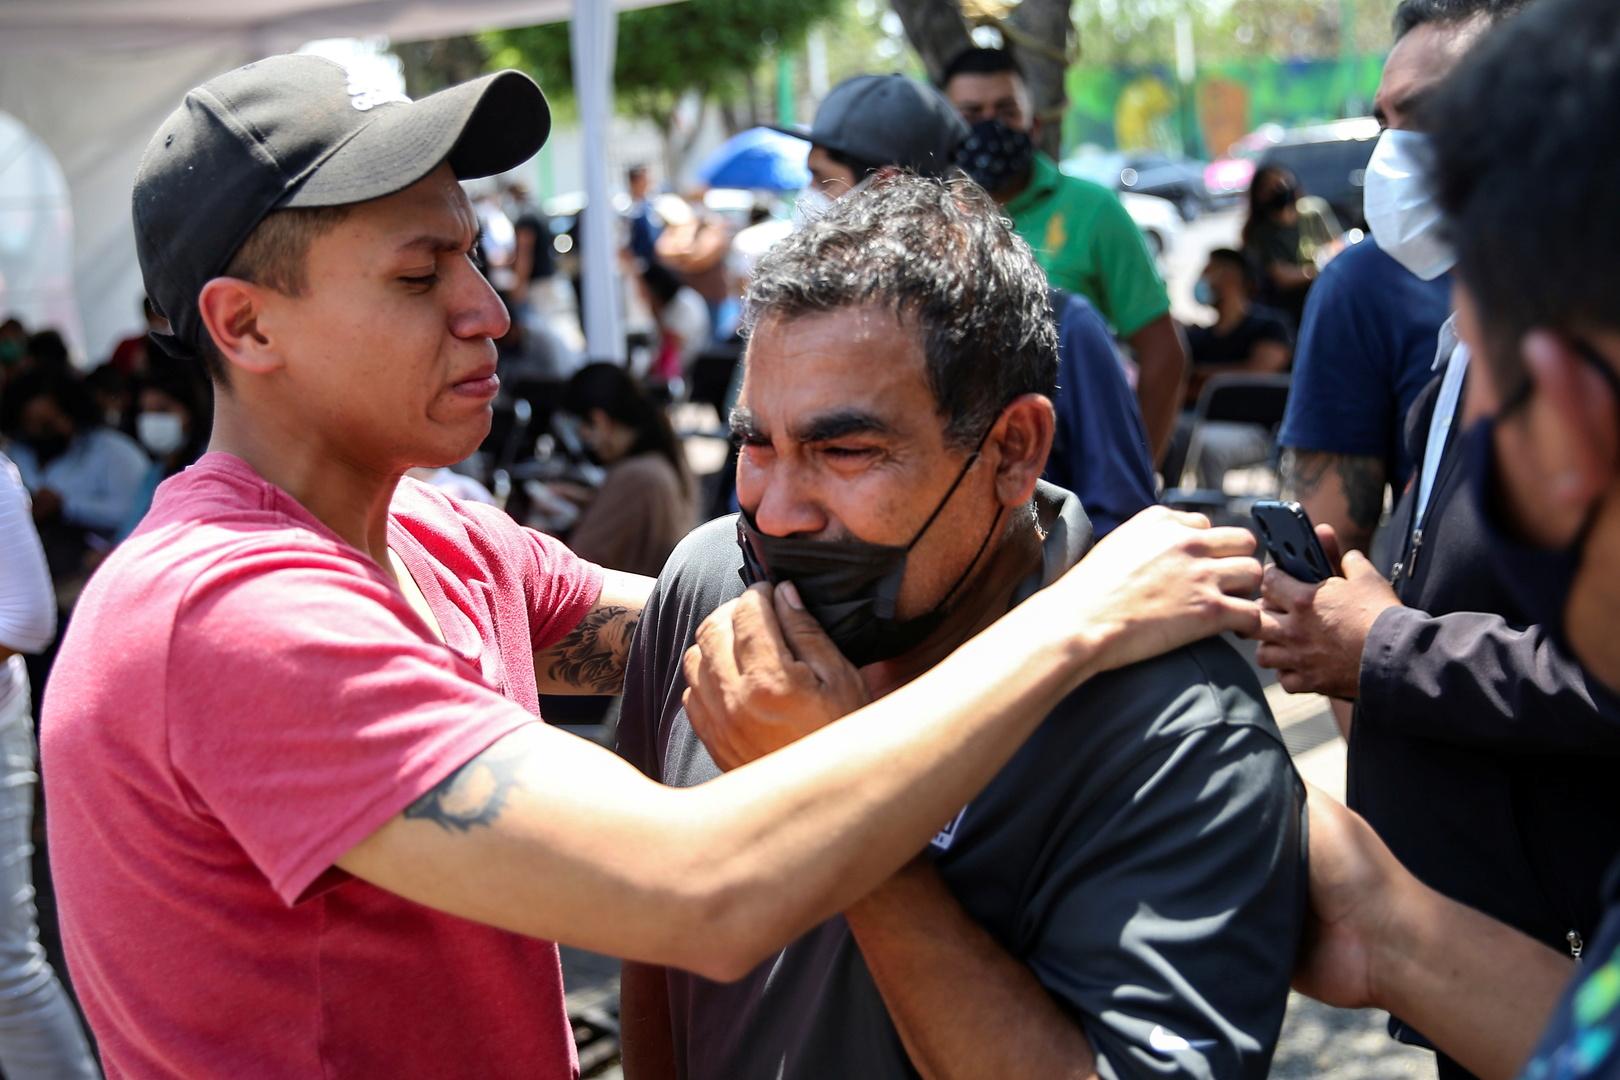 المكسيك تعلن الحداد 3 أيام.. وتتوعد المسؤولين عن كارثة مترو الأنفاق